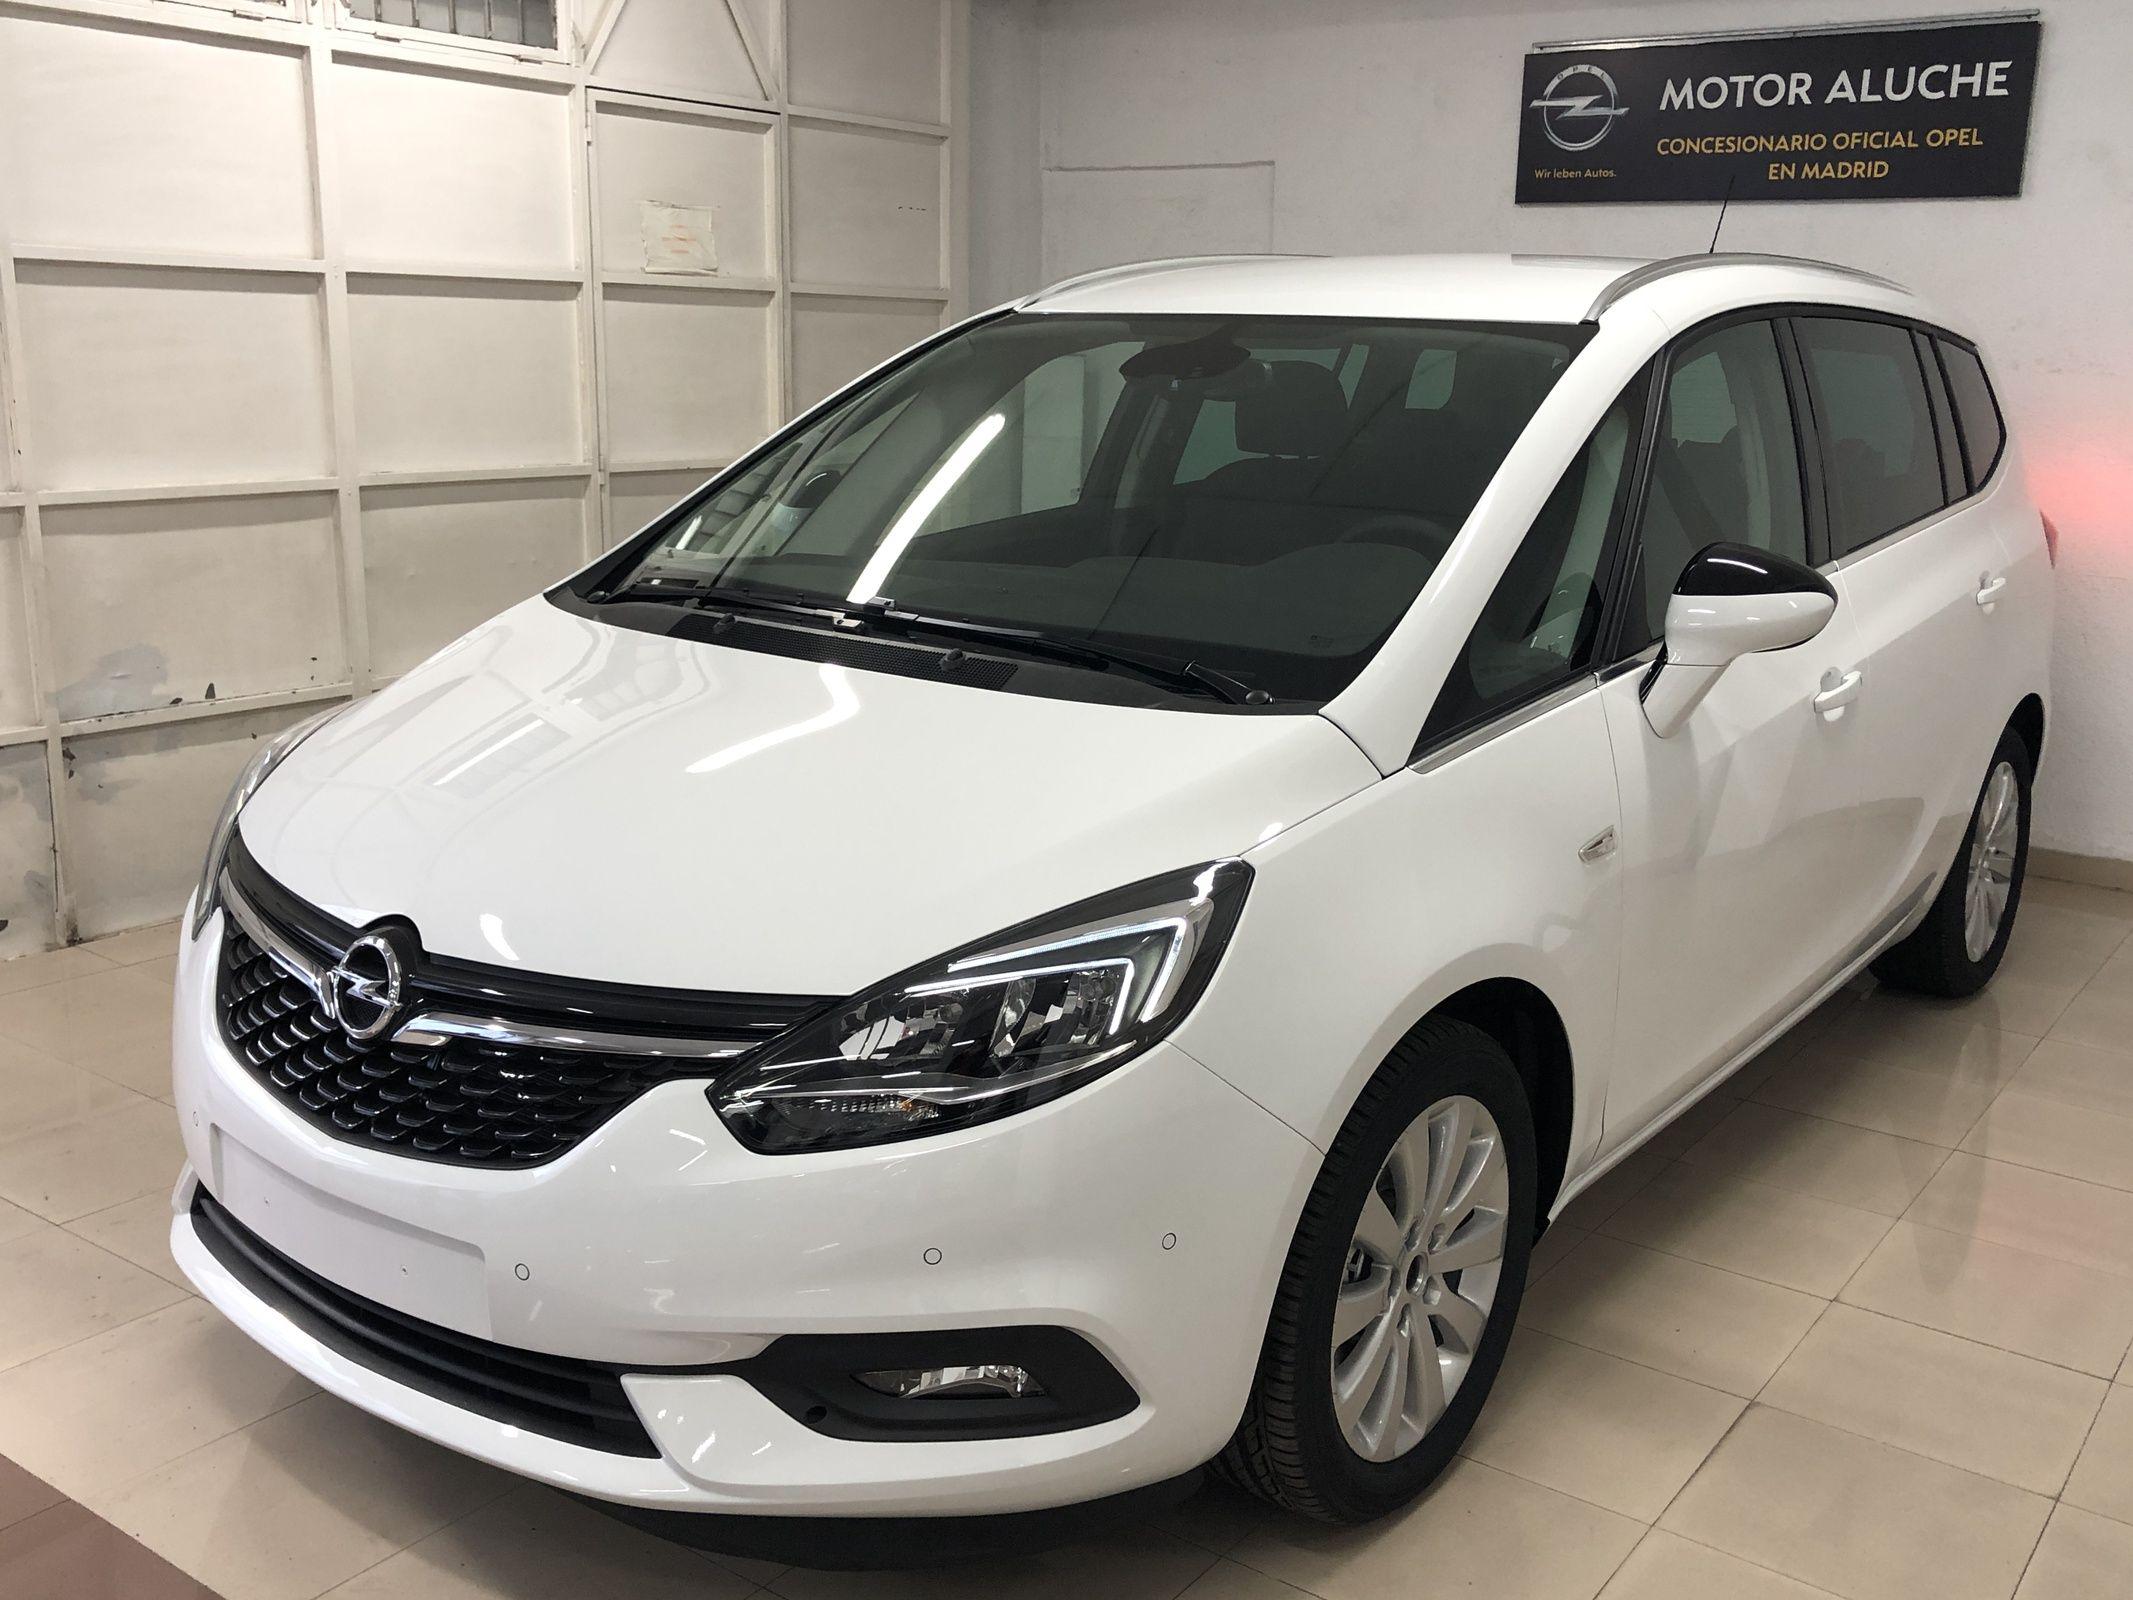 Opel Zafira Innovation 1.6T S&S (136CV) desde 21.390€